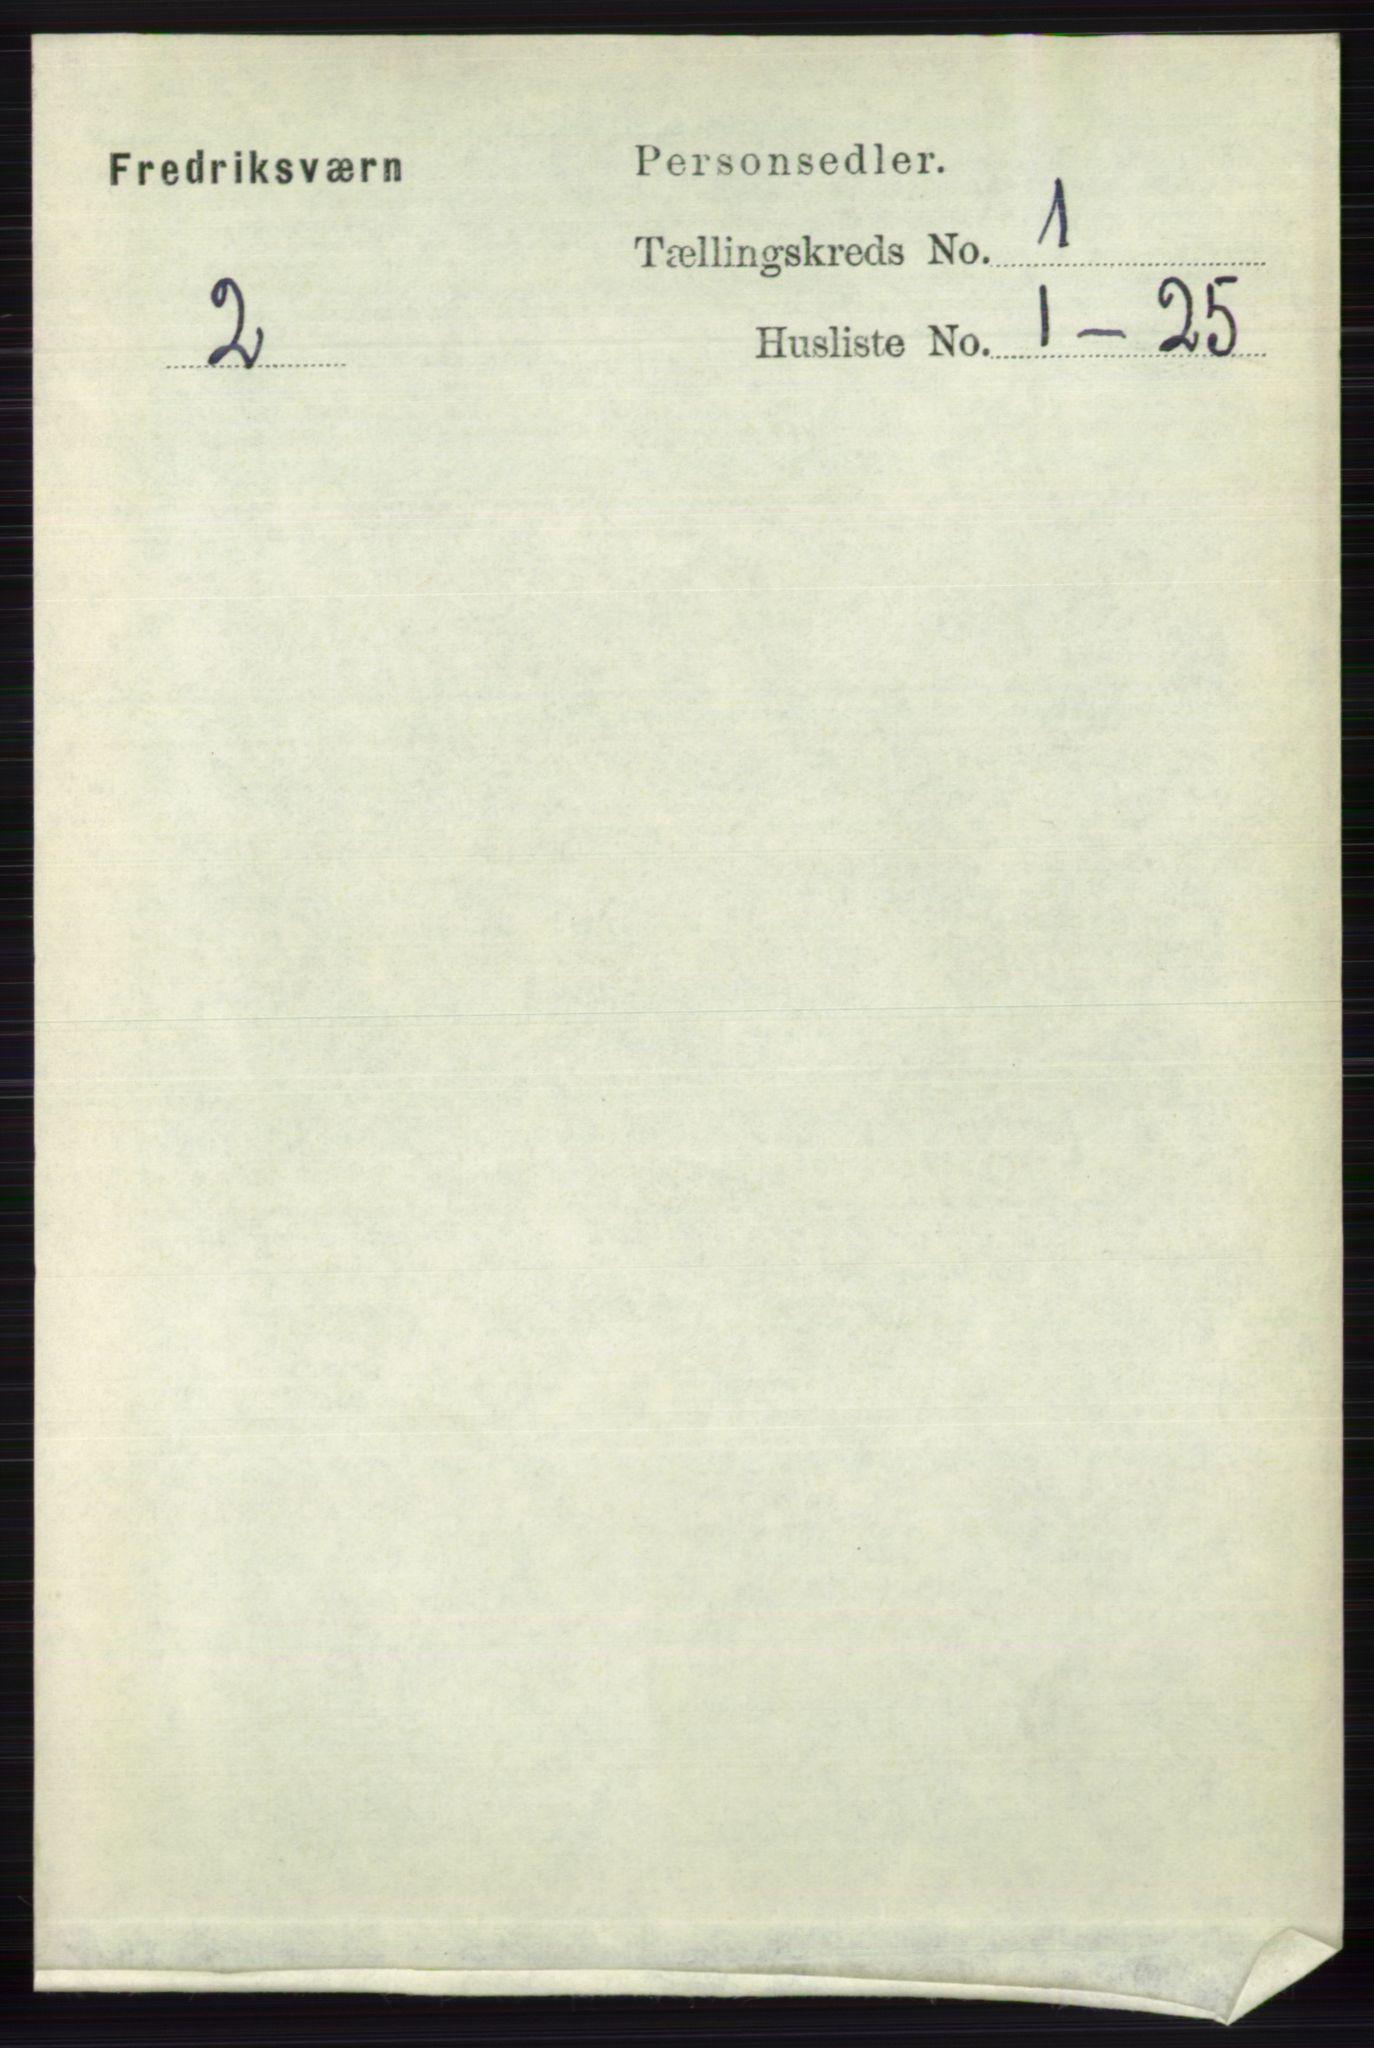 RA, Folketelling 1891 for 0798 Fredriksvern herred, 1891, s. 44